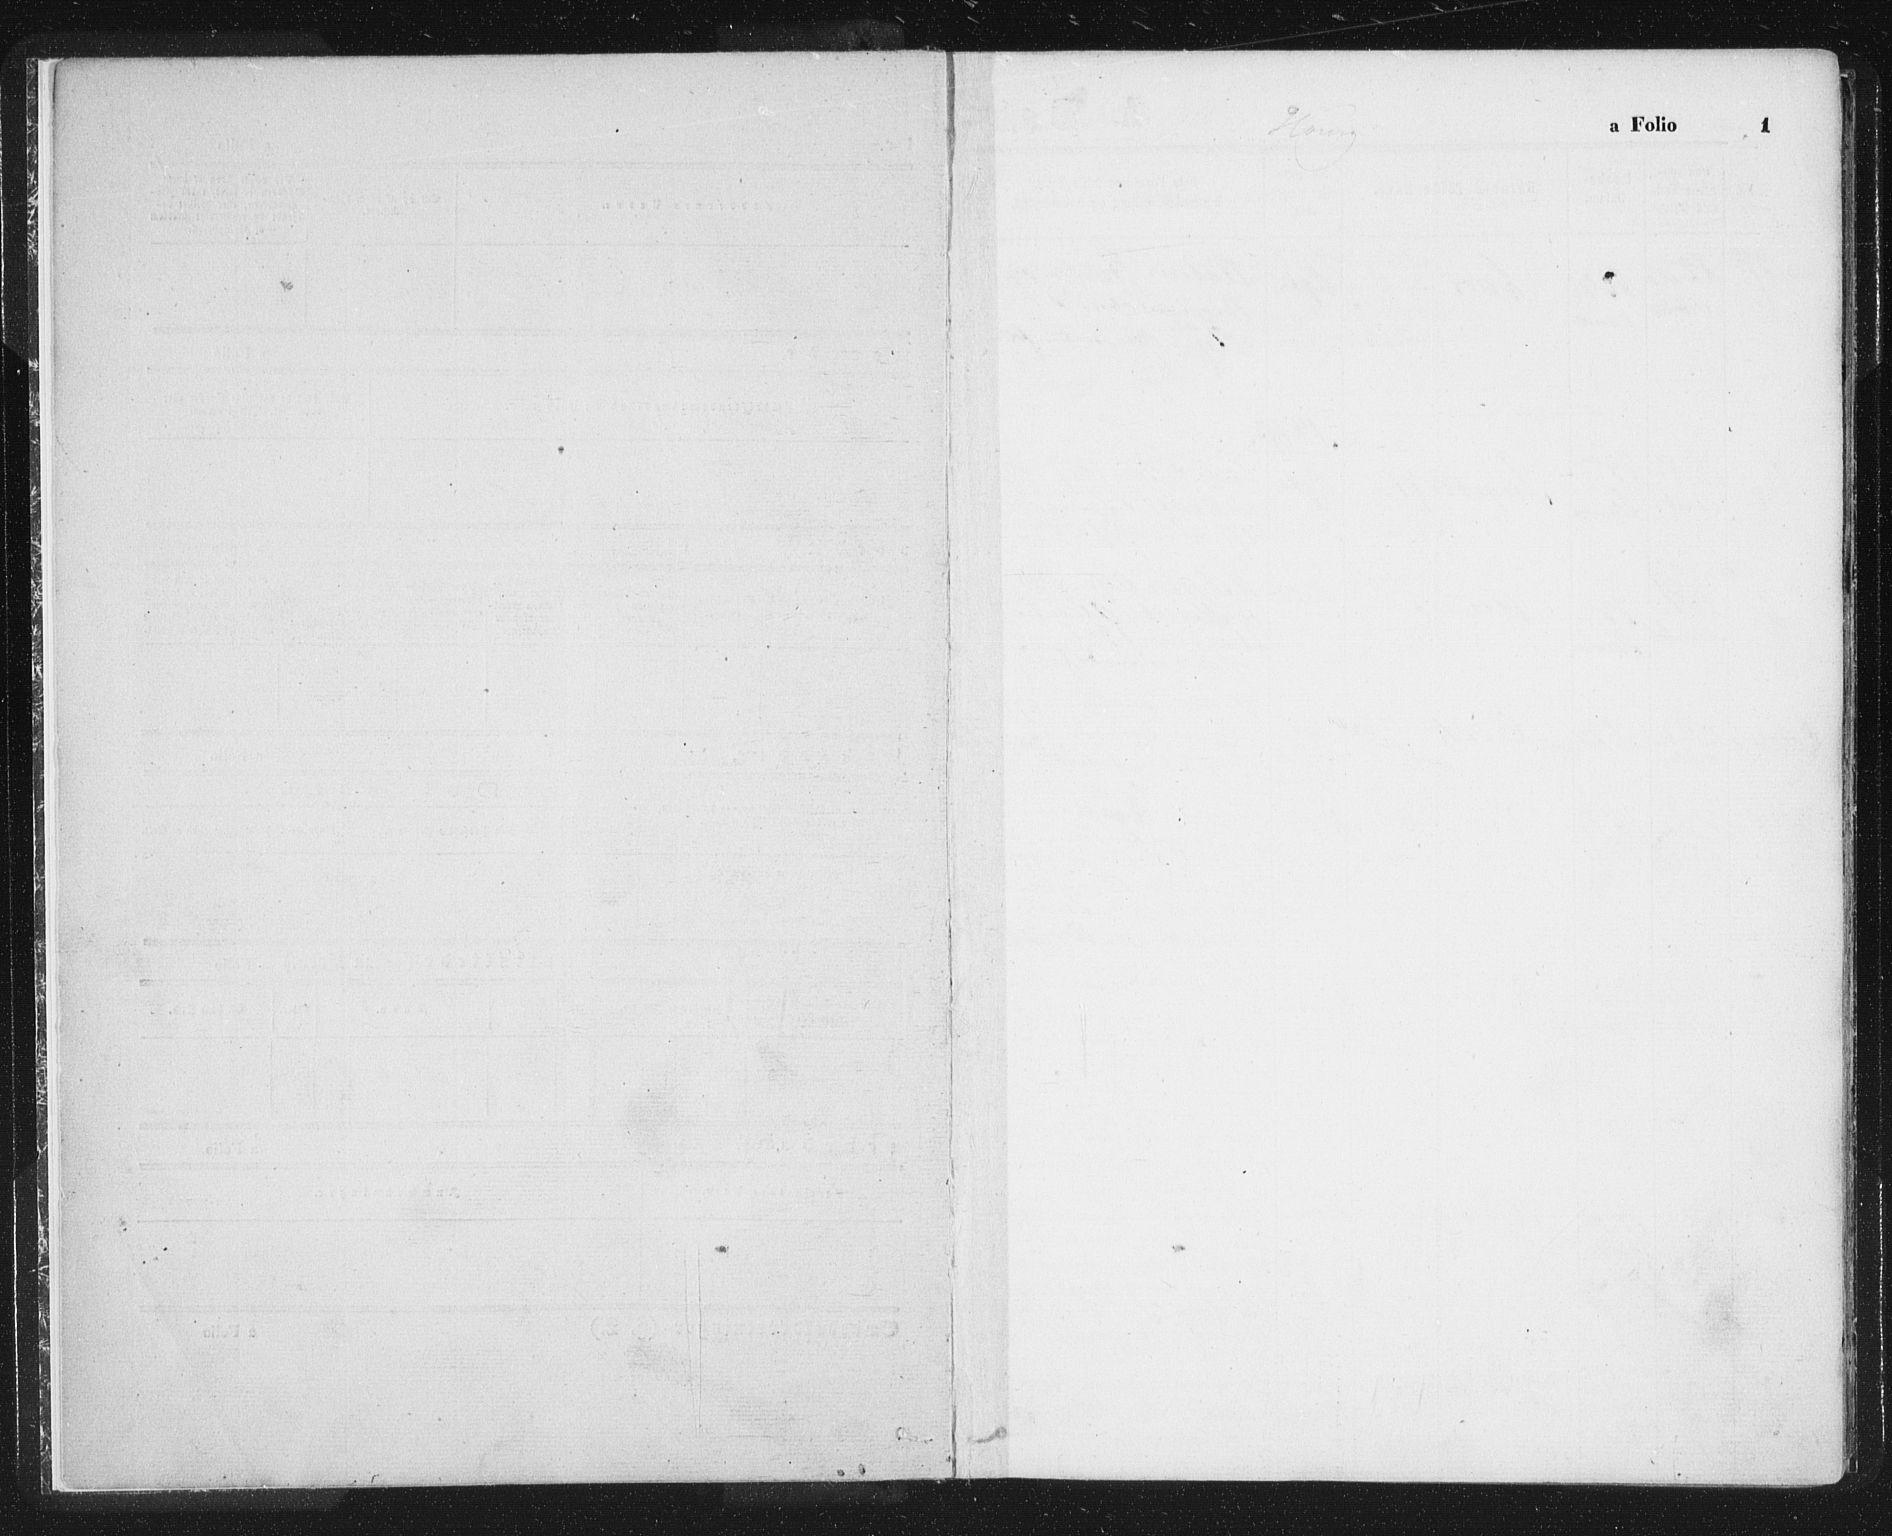 SAT, Ministerialprotokoller, klokkerbøker og fødselsregistre - Sør-Trøndelag, 692/L1104: Ministerialbok nr. 692A04, 1862-1878, s. 1